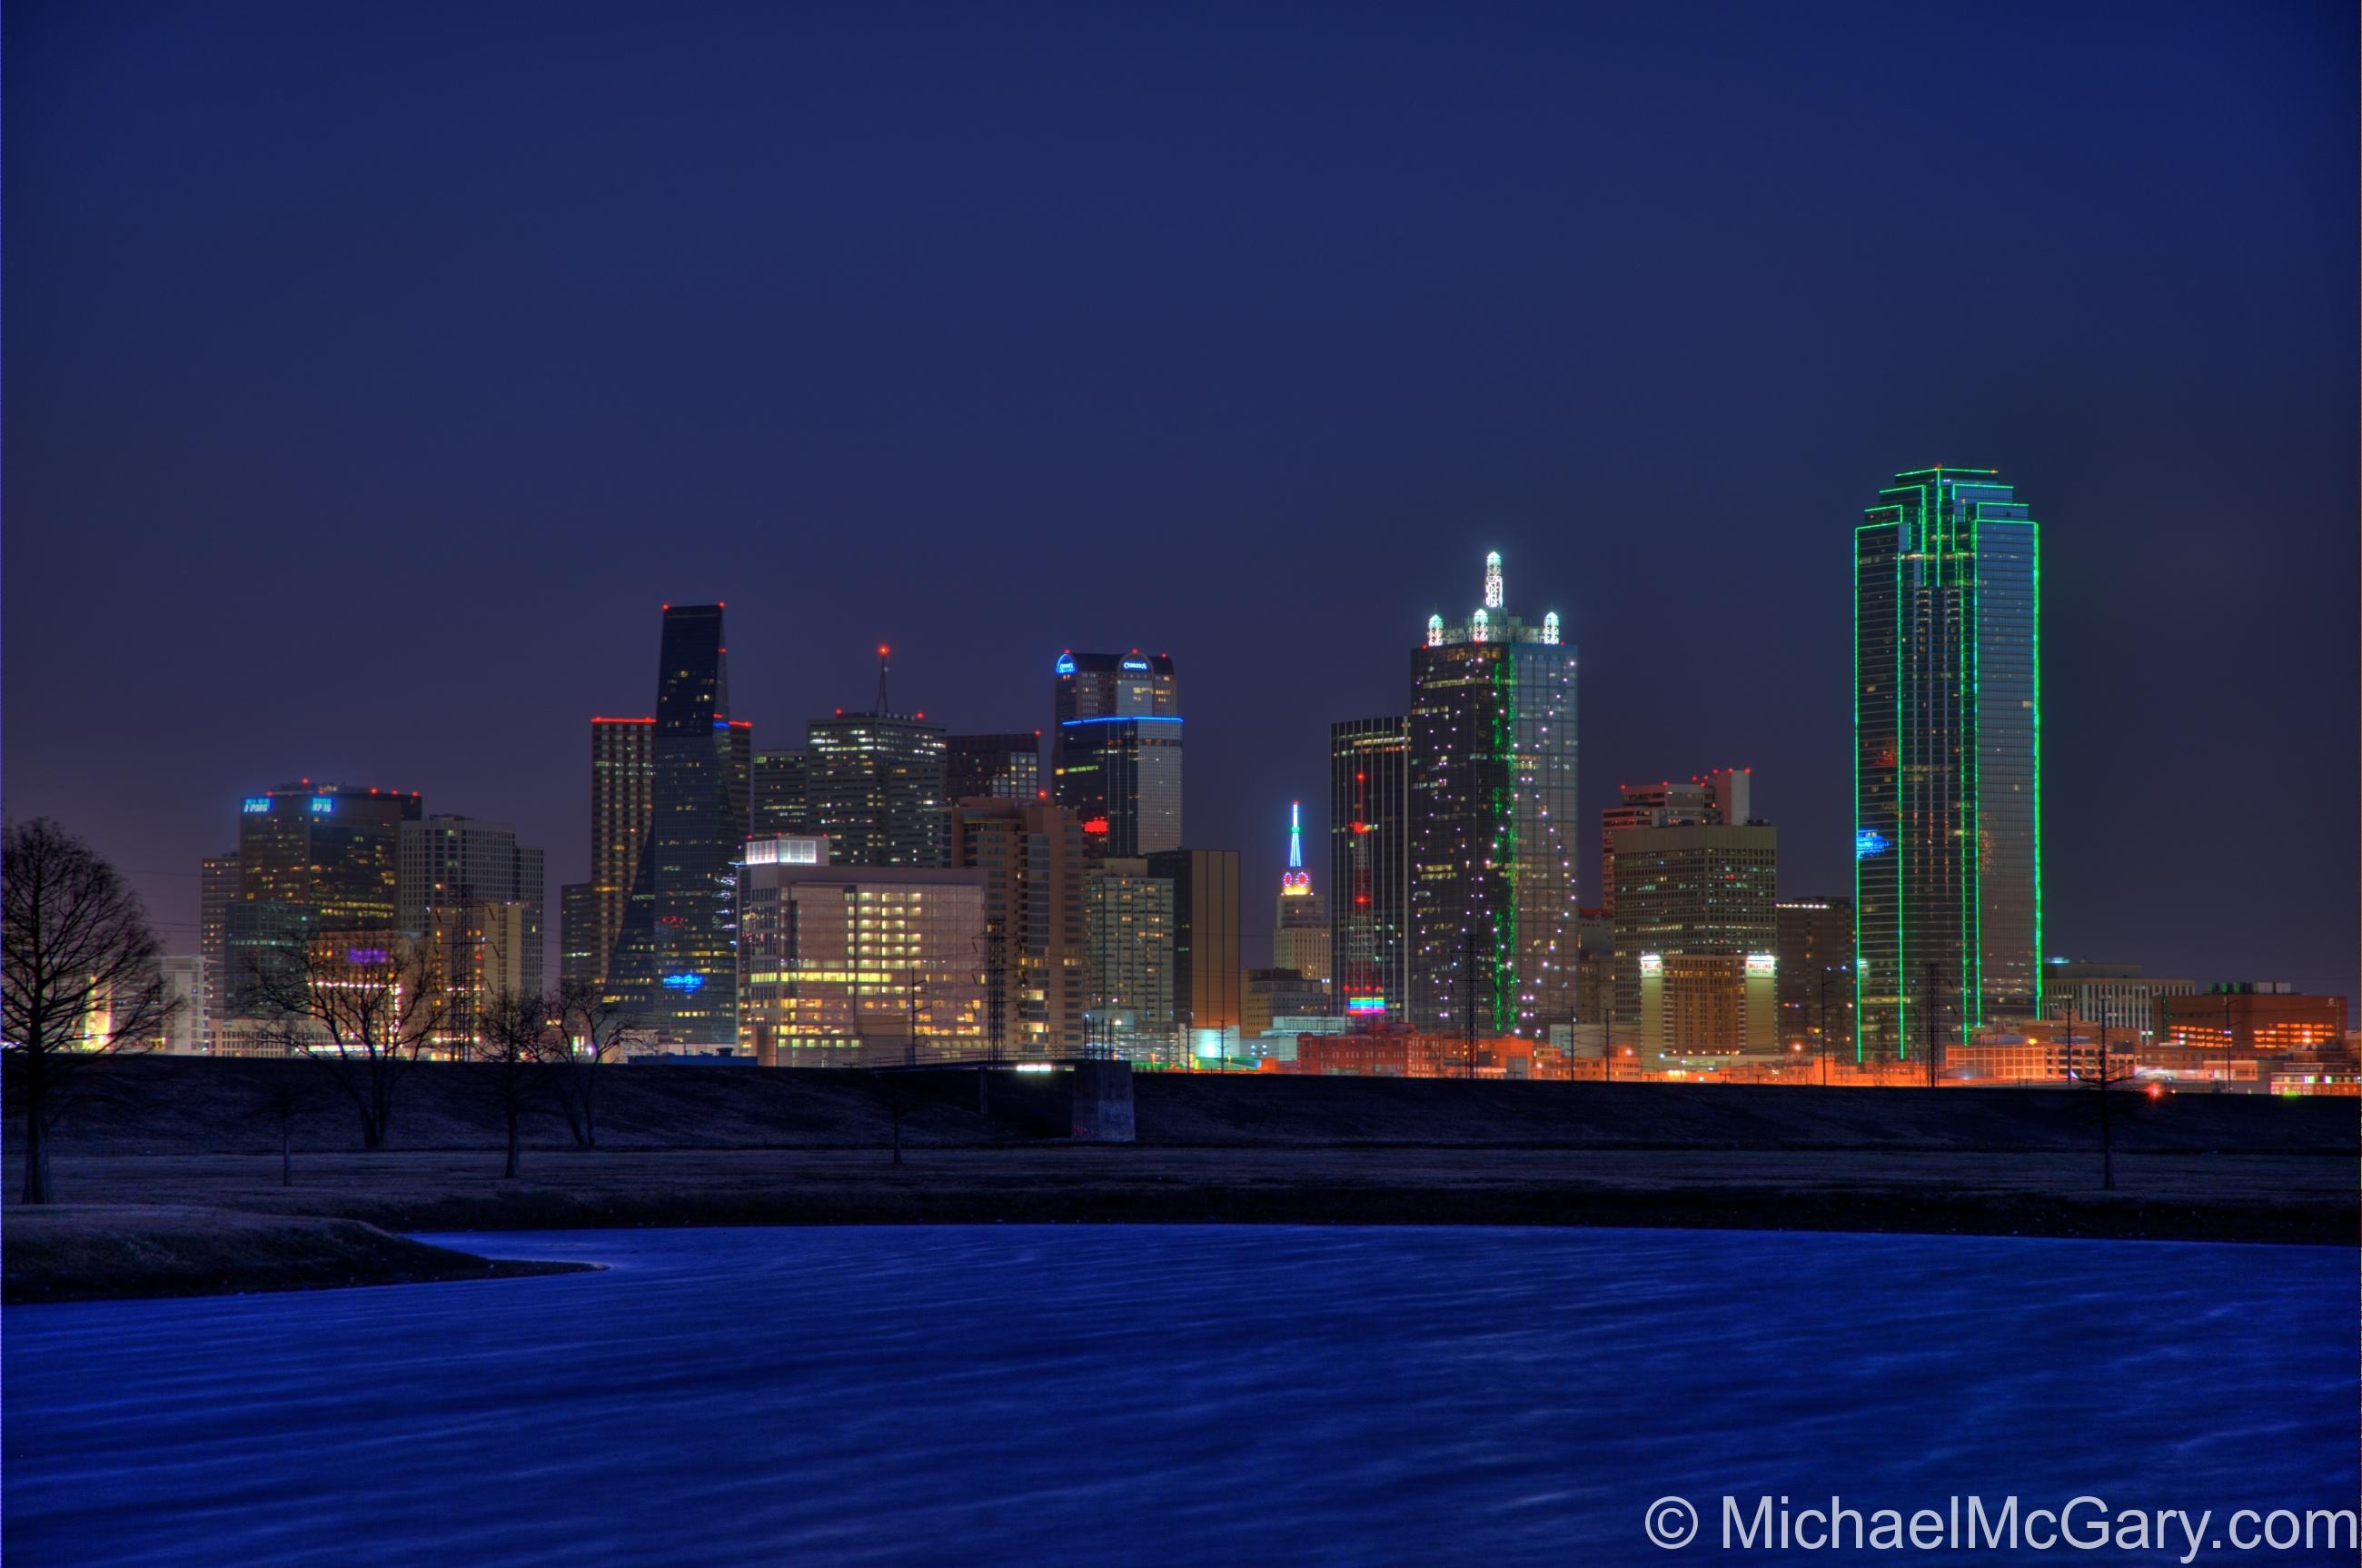 Night Time in Dallas